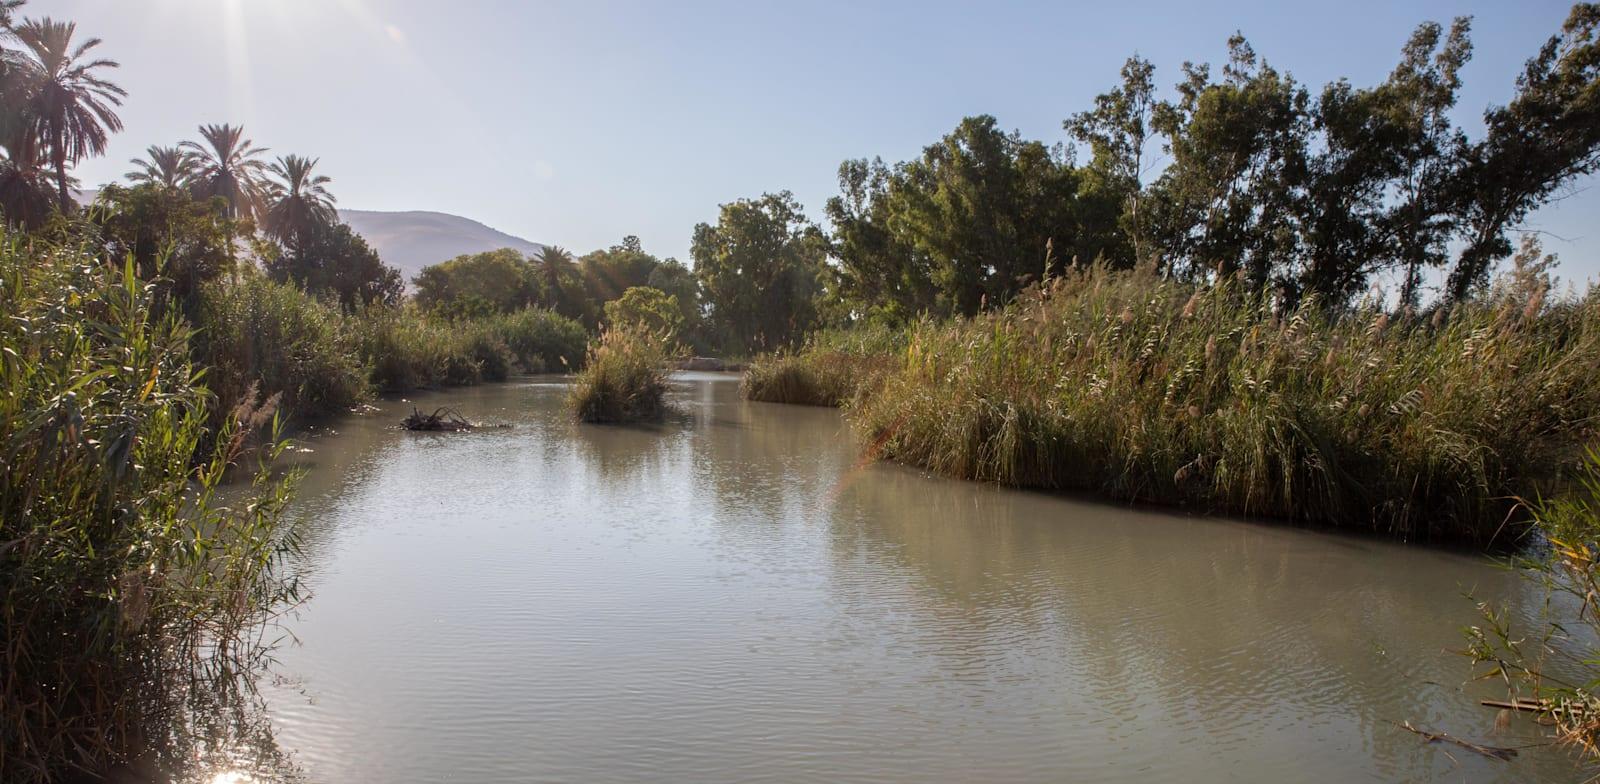 נחל האסי ליד קיבוץ ניר דוד / צילום: כדיה לוי